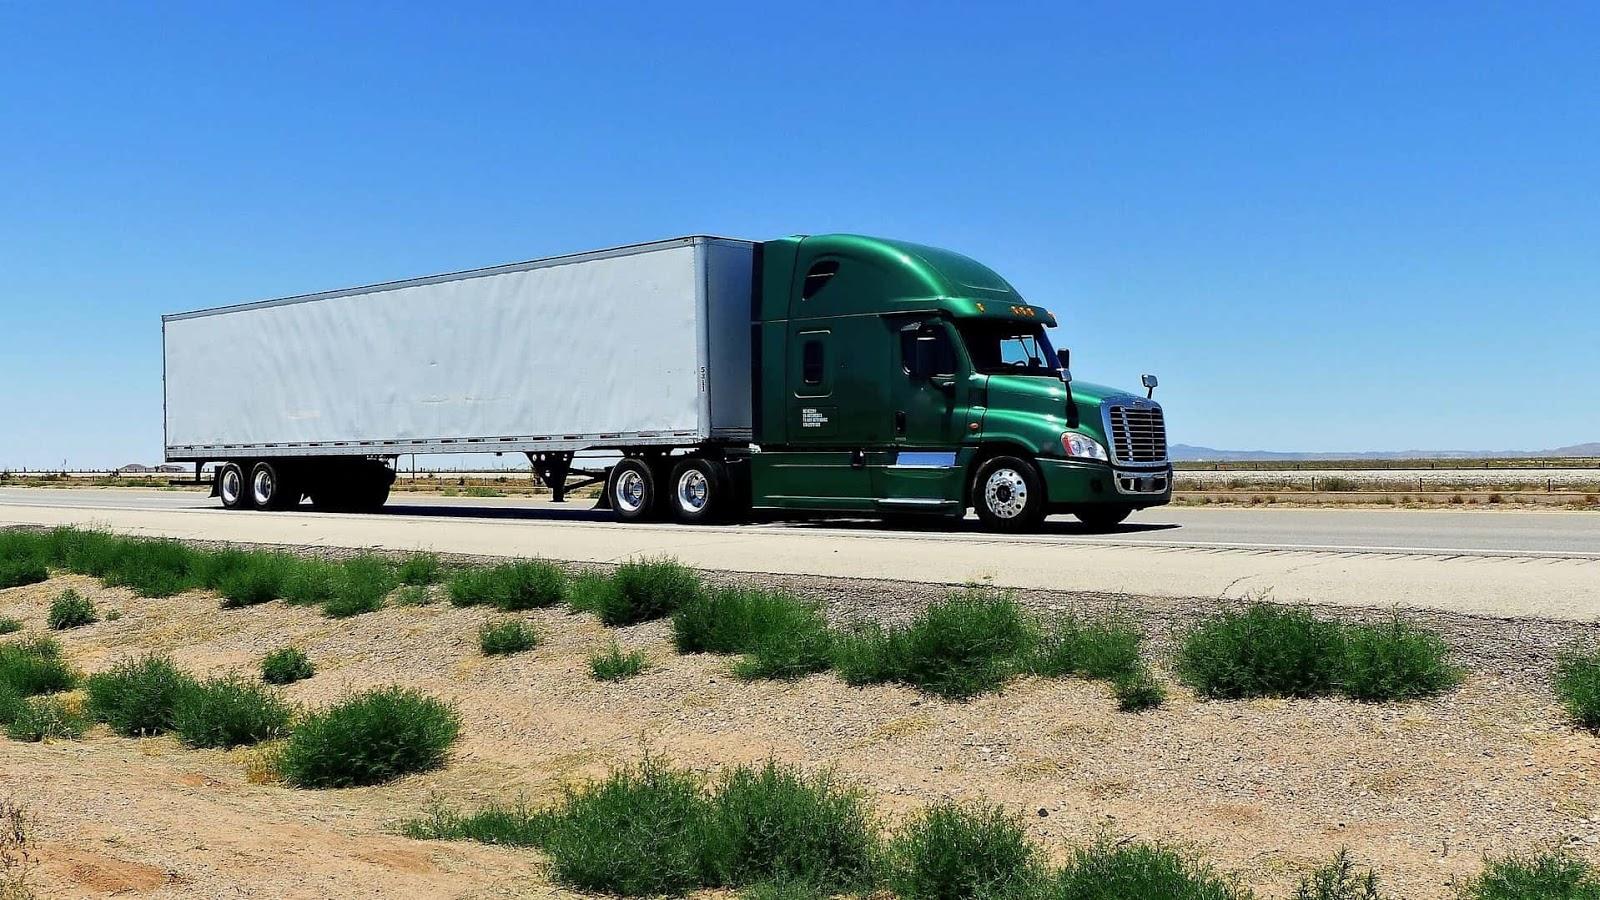 semi-truck on road